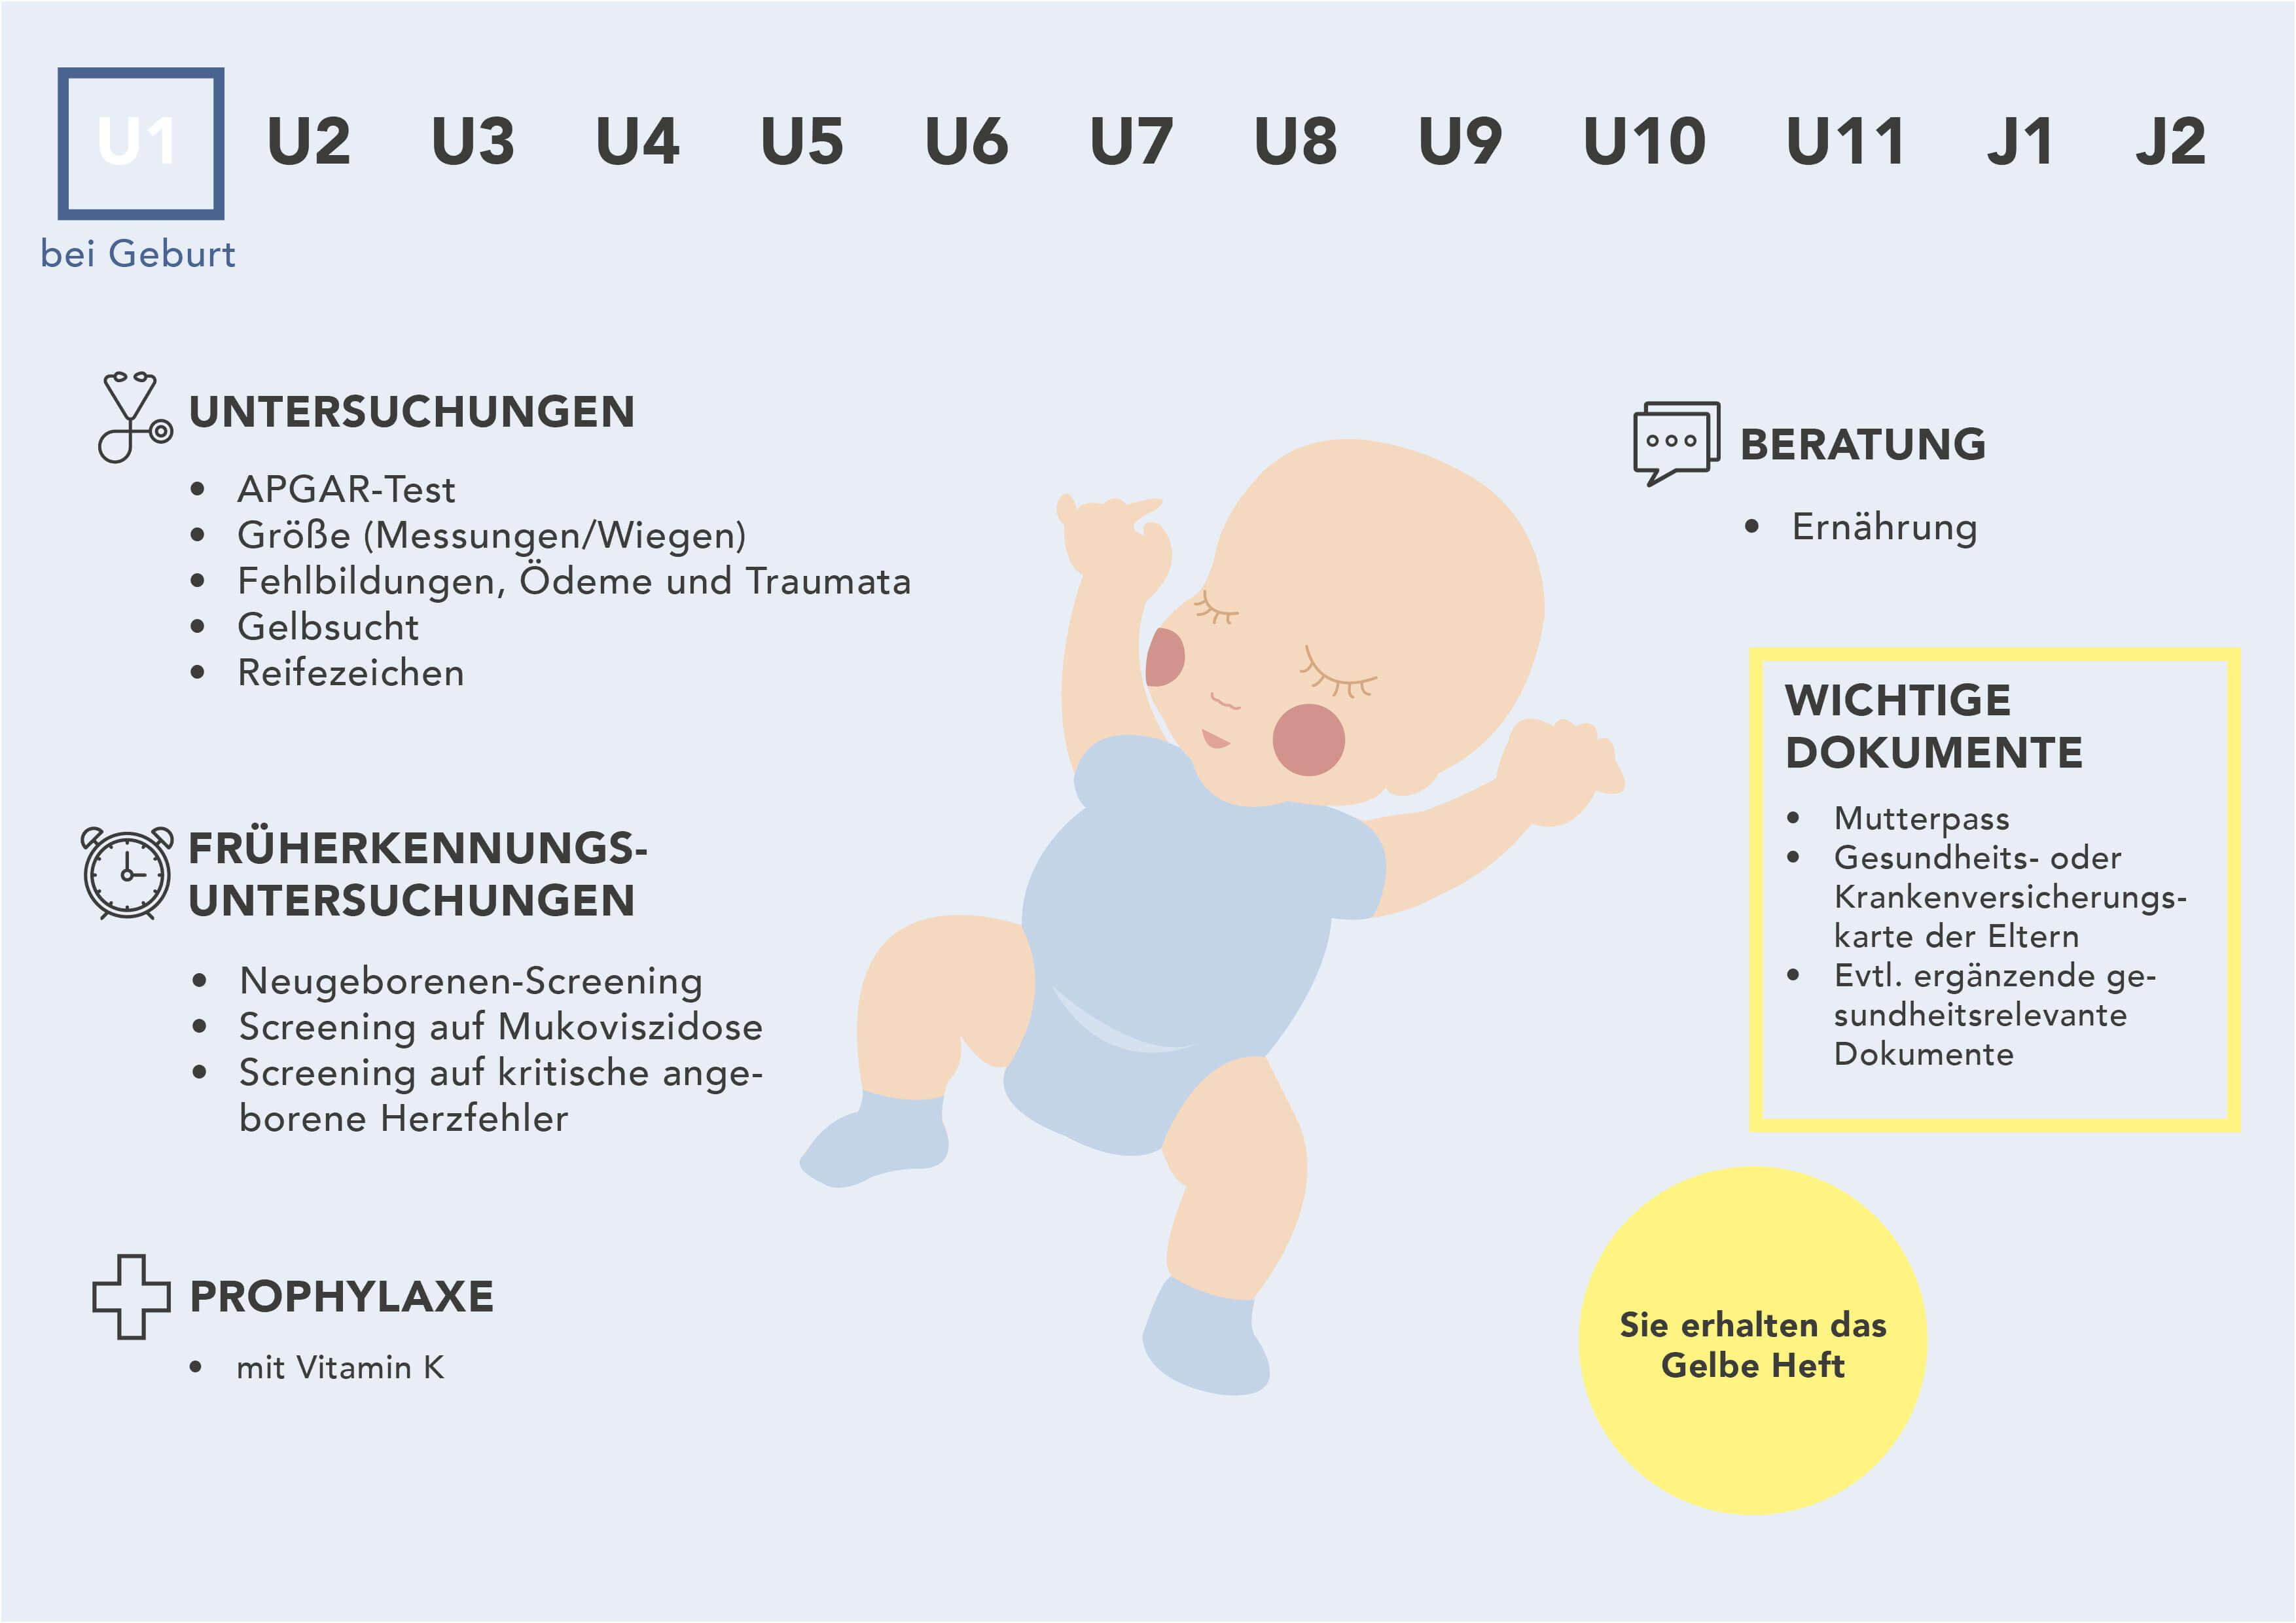 Fakten zur U1-Untersuchung - Grafische Darstellung